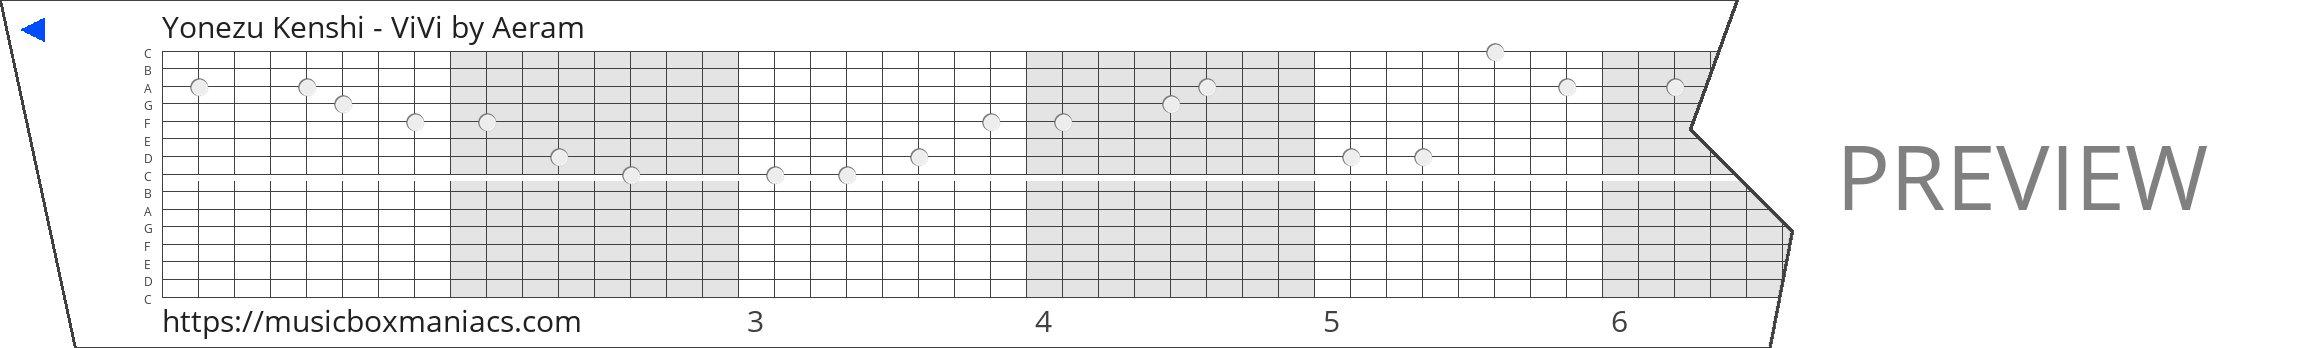 Yonezu Kenshi - ViVi 15 note music box paper strip